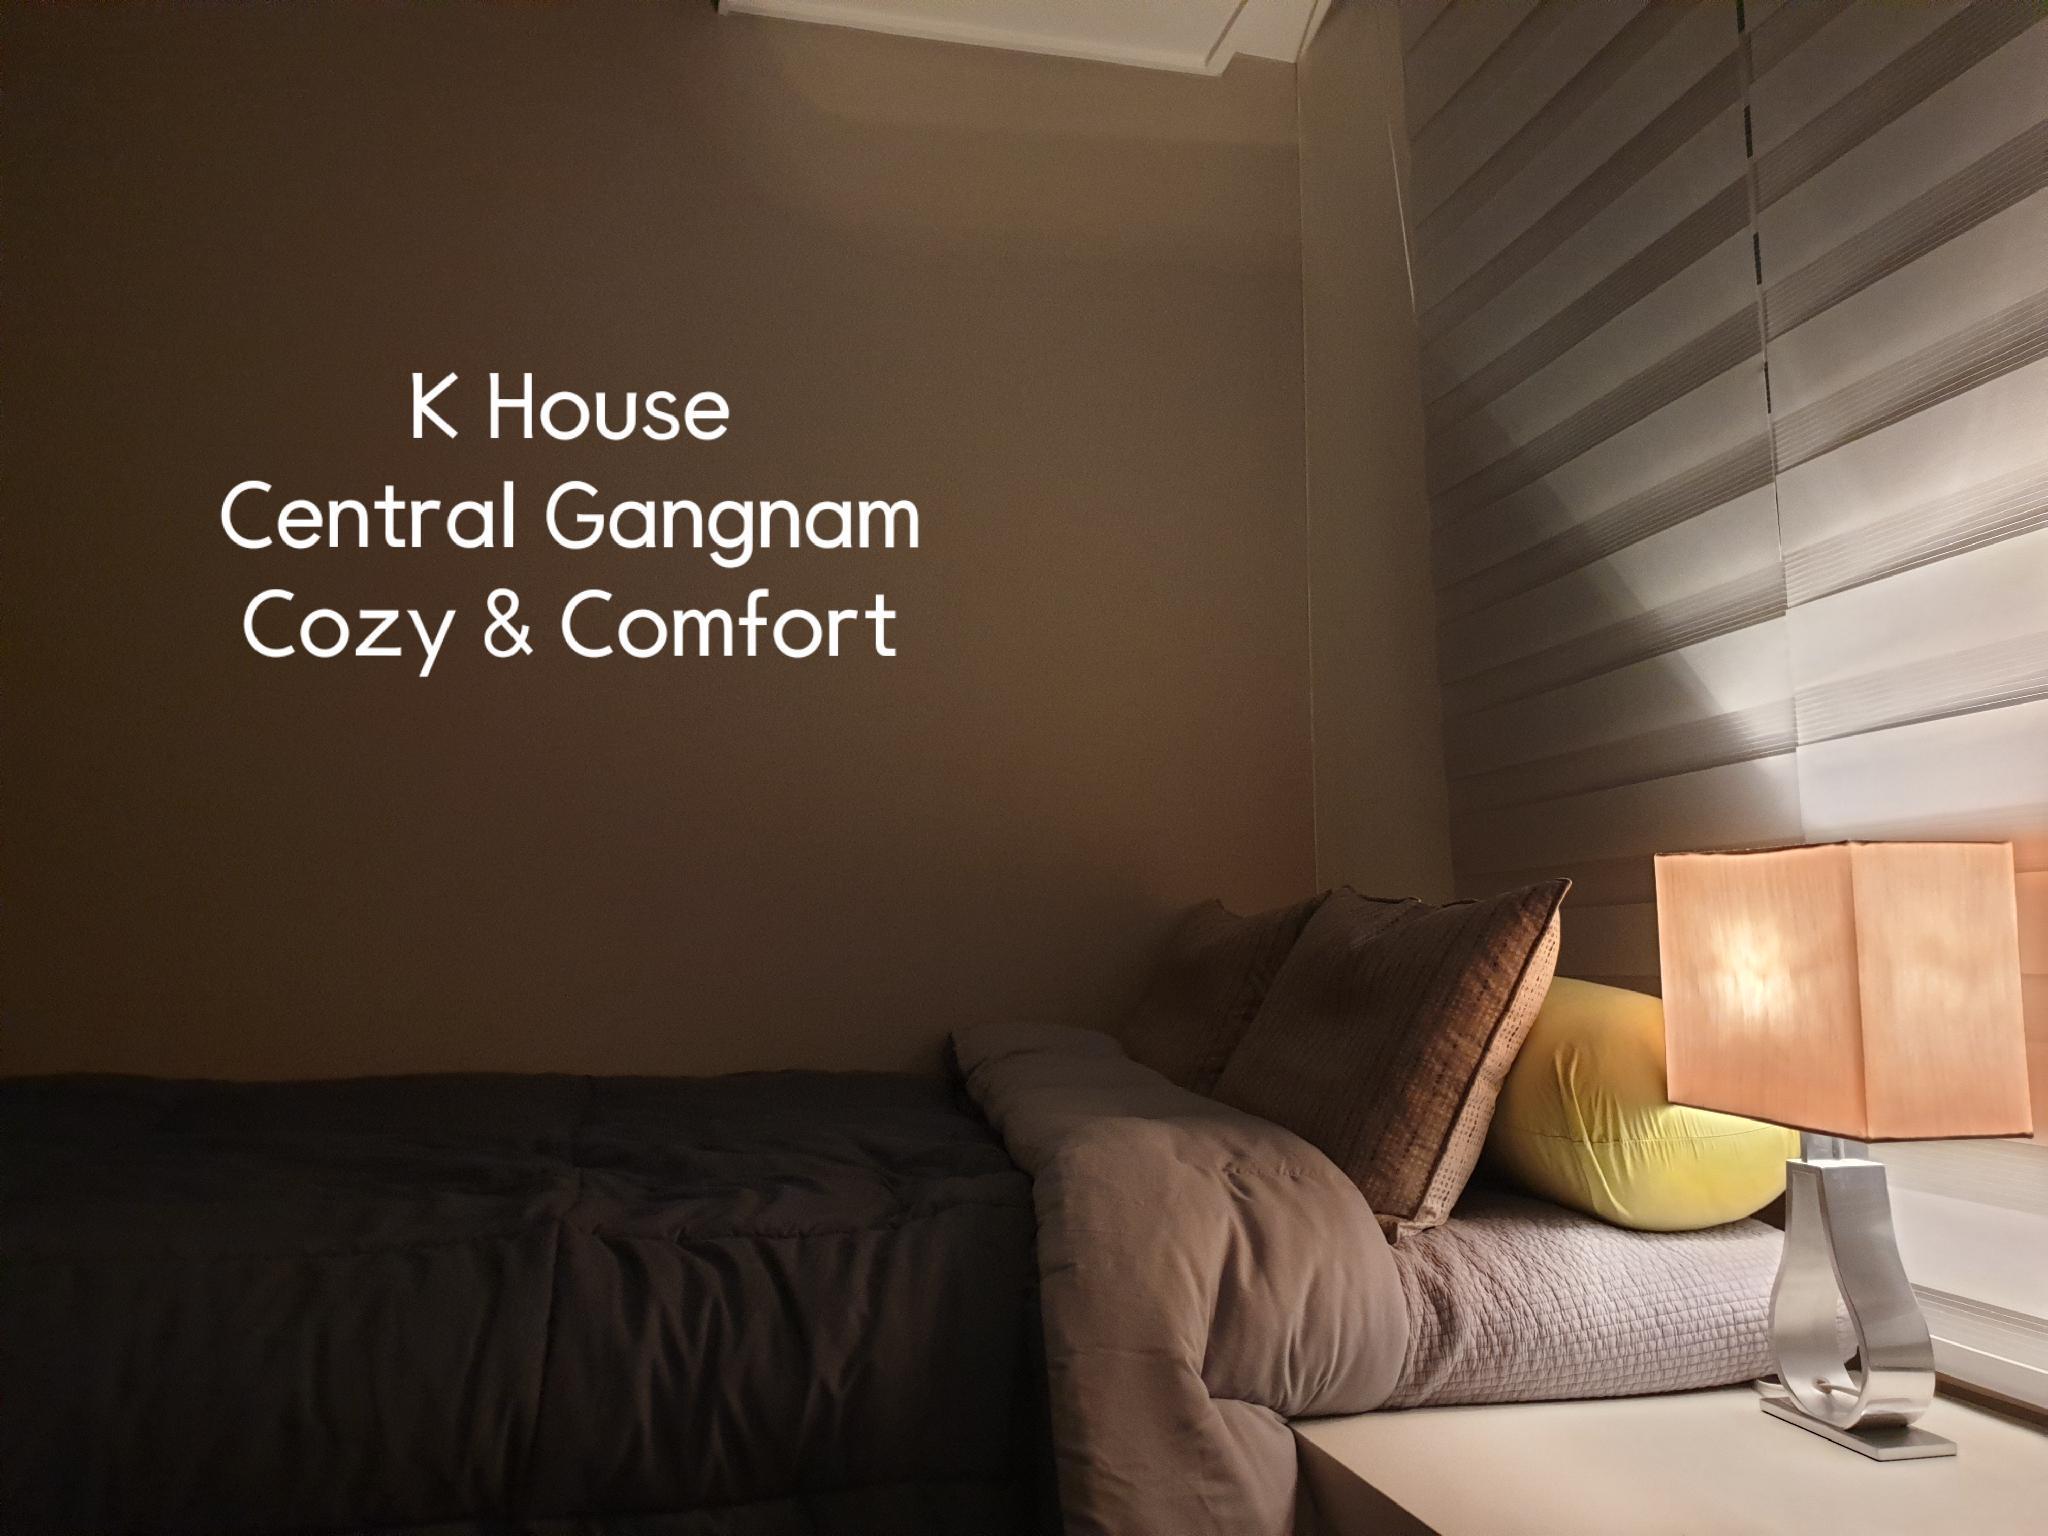 Central Gangnam Infinite K House